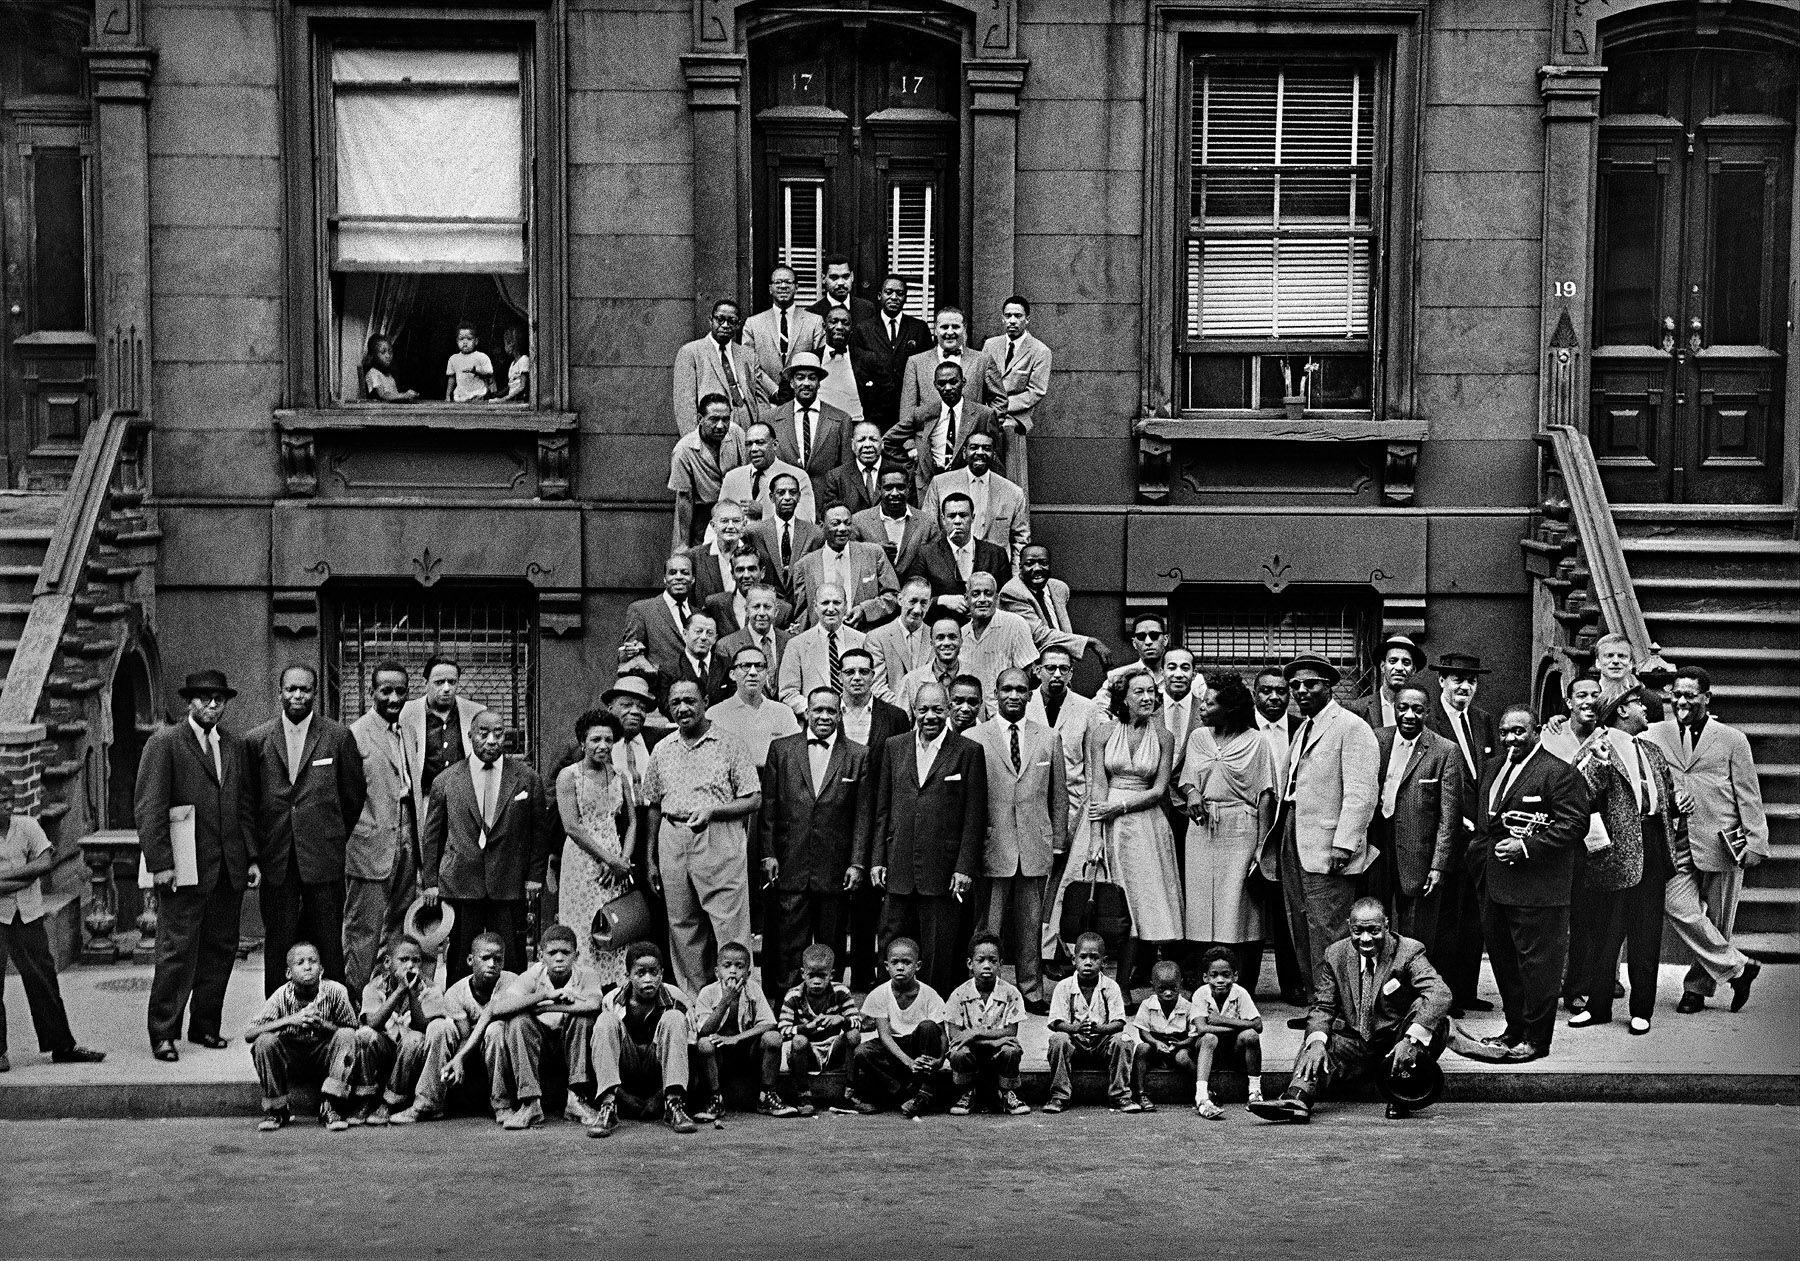 Harlem History Tour: Harlem Renaissance, Hamilton House & Gentrification